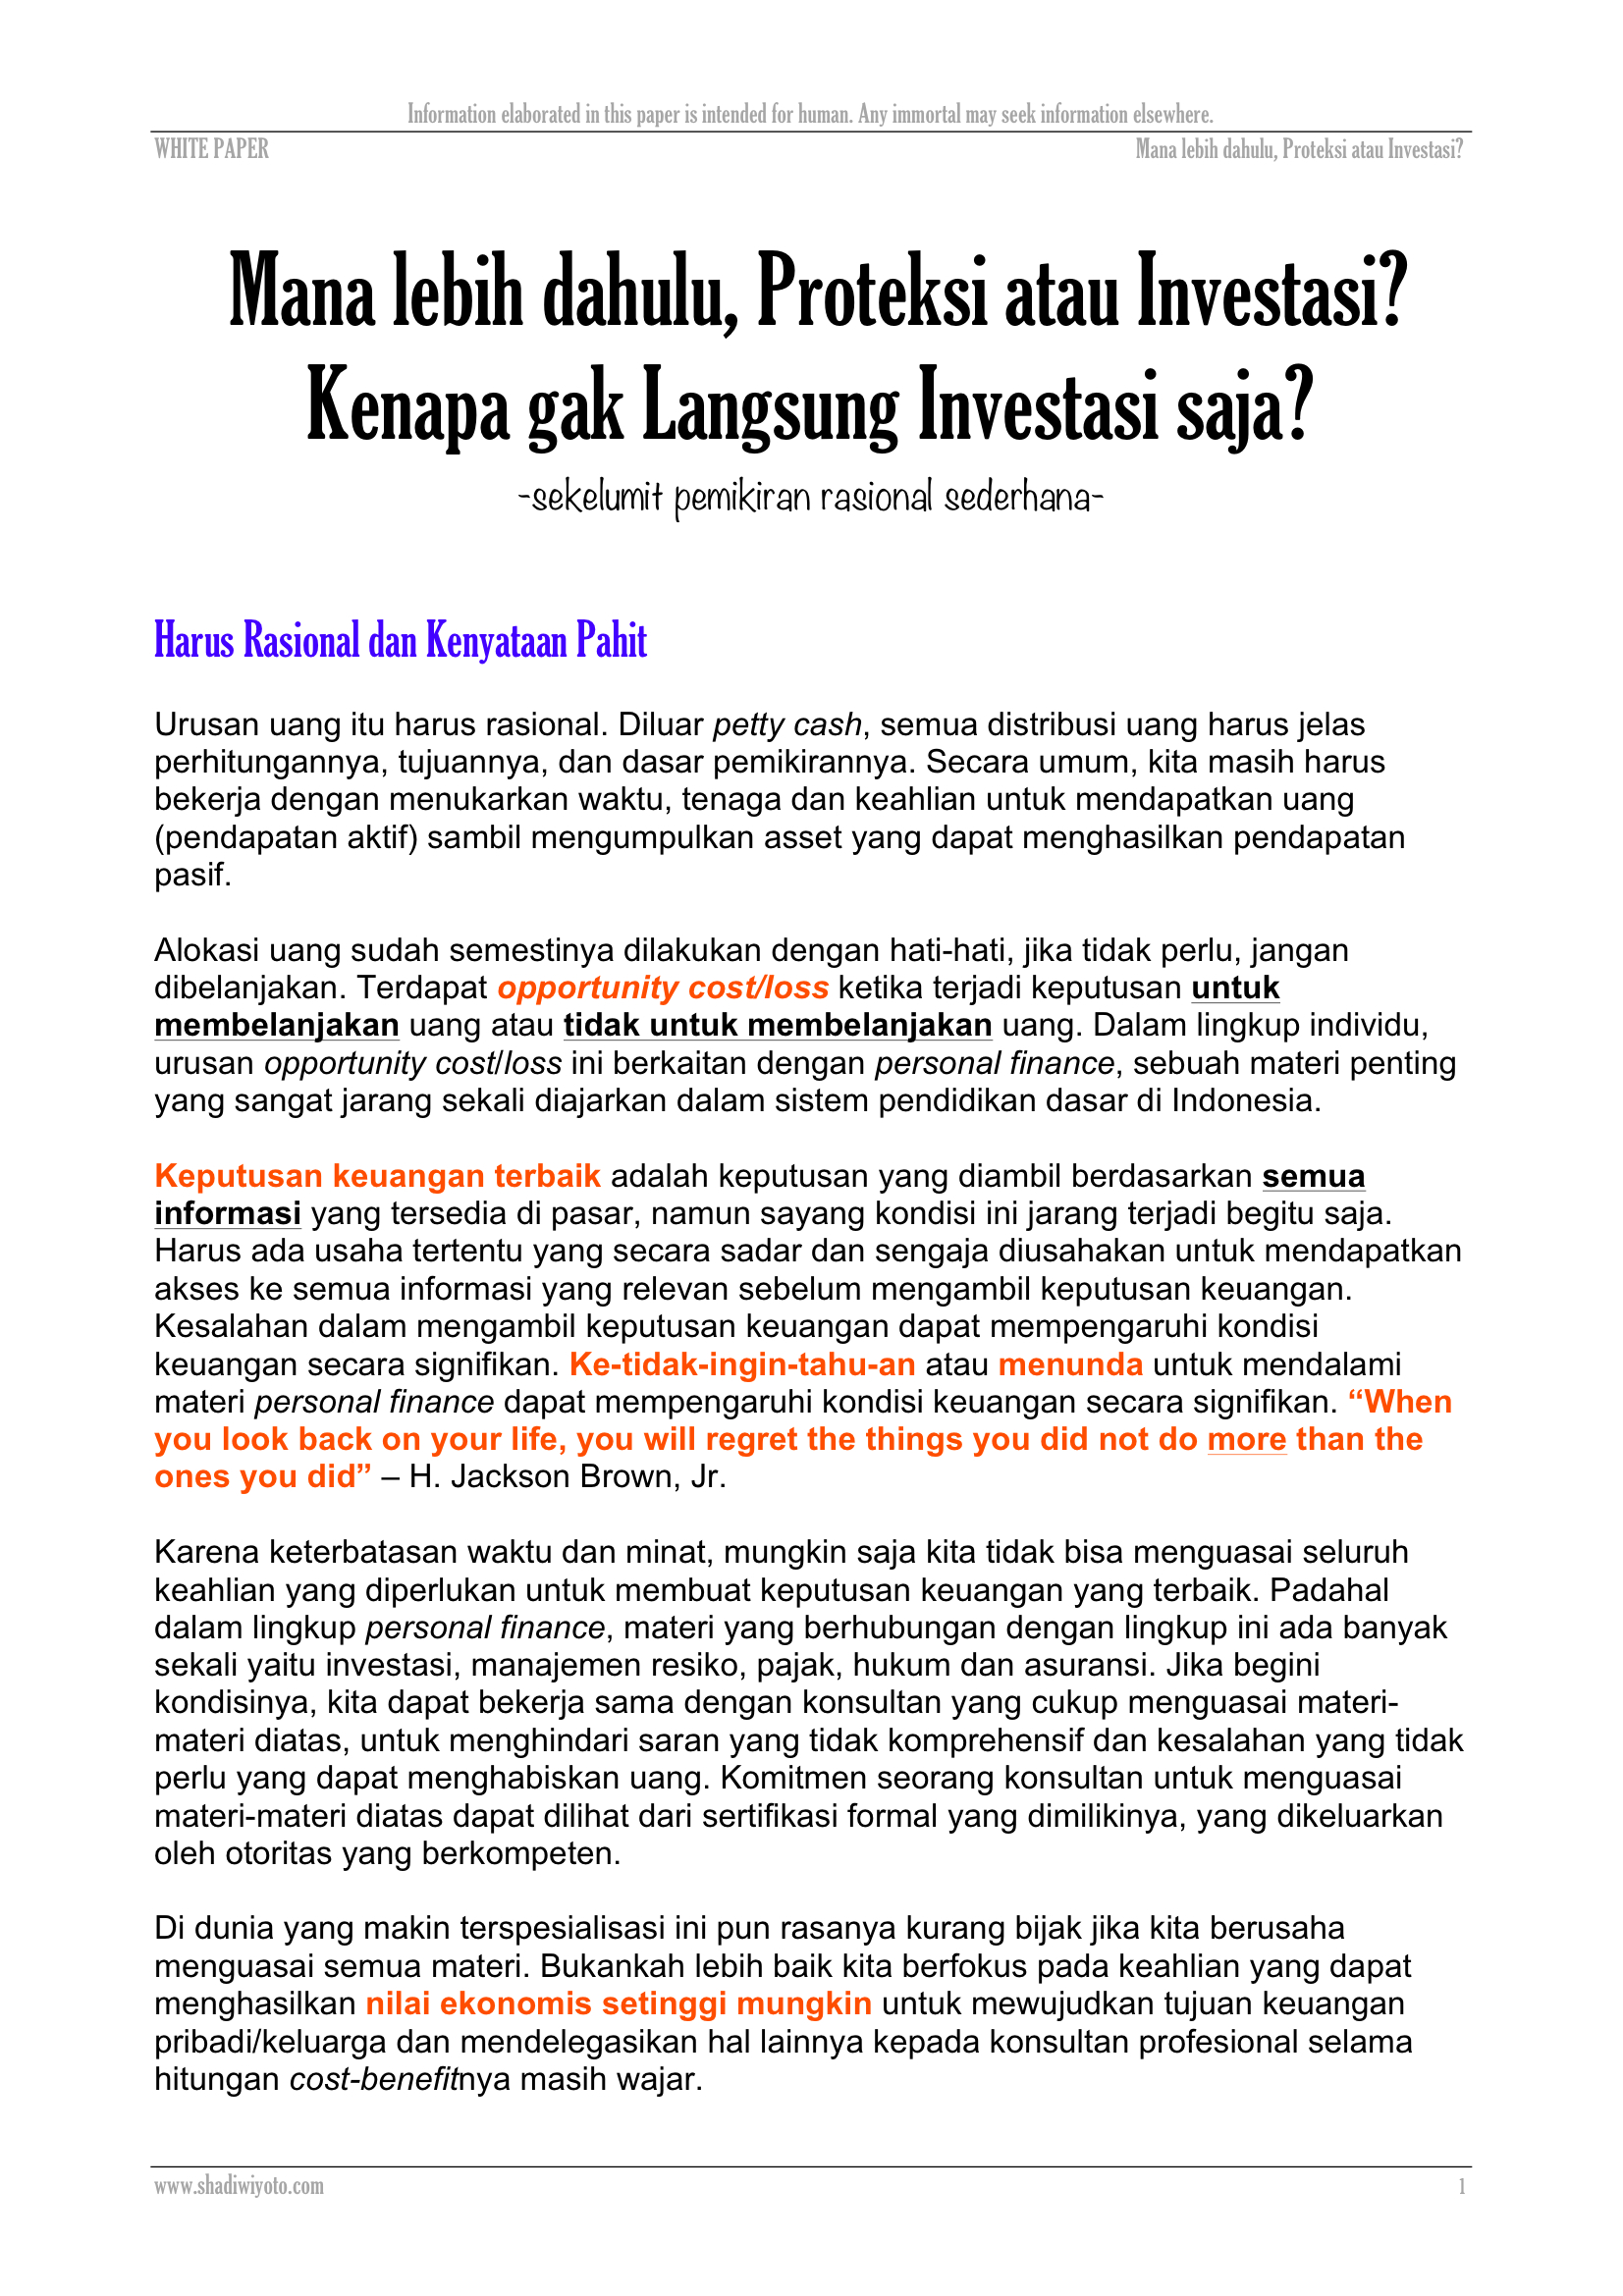 Proteksi dulu baru investasi v.1-1